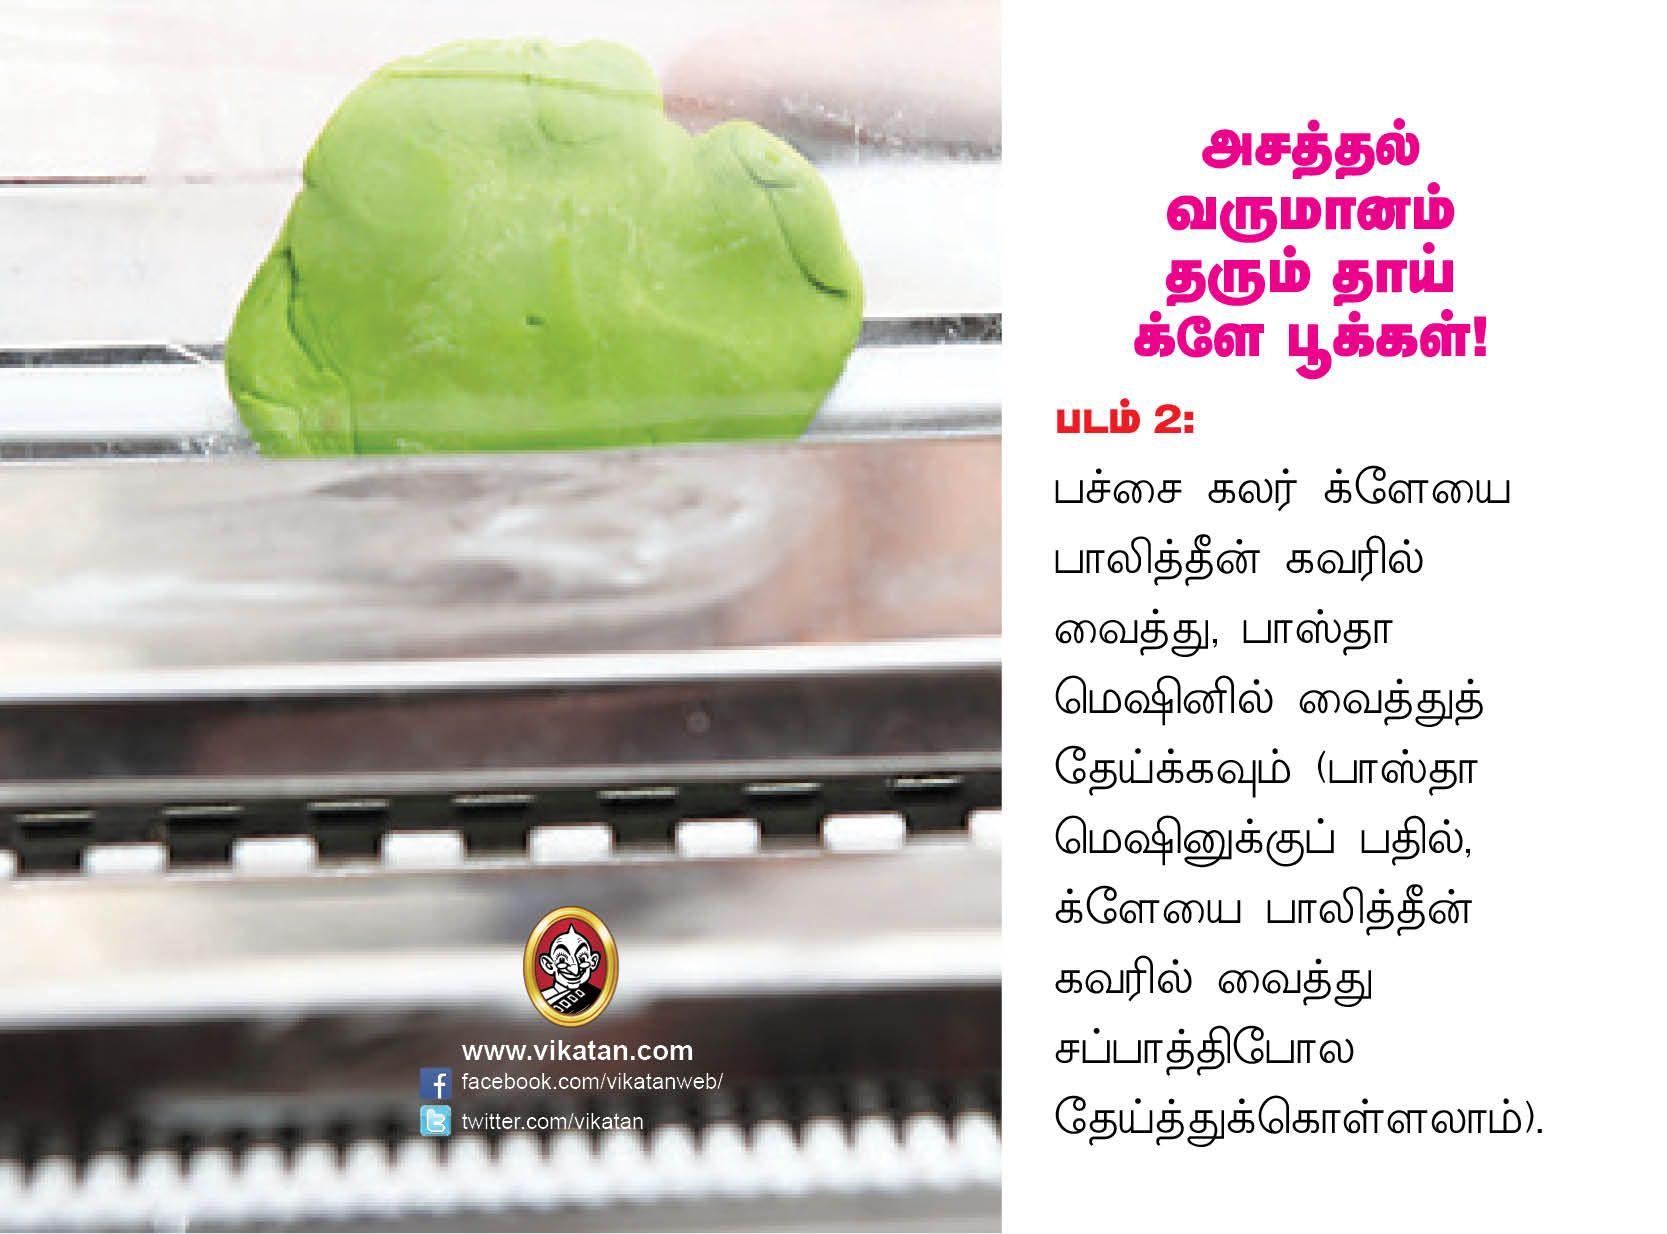 அசத்தல் வருமானம் தரும் தாய் க்ளே பூக்கள்! #VikatanPhotoCards #Craft